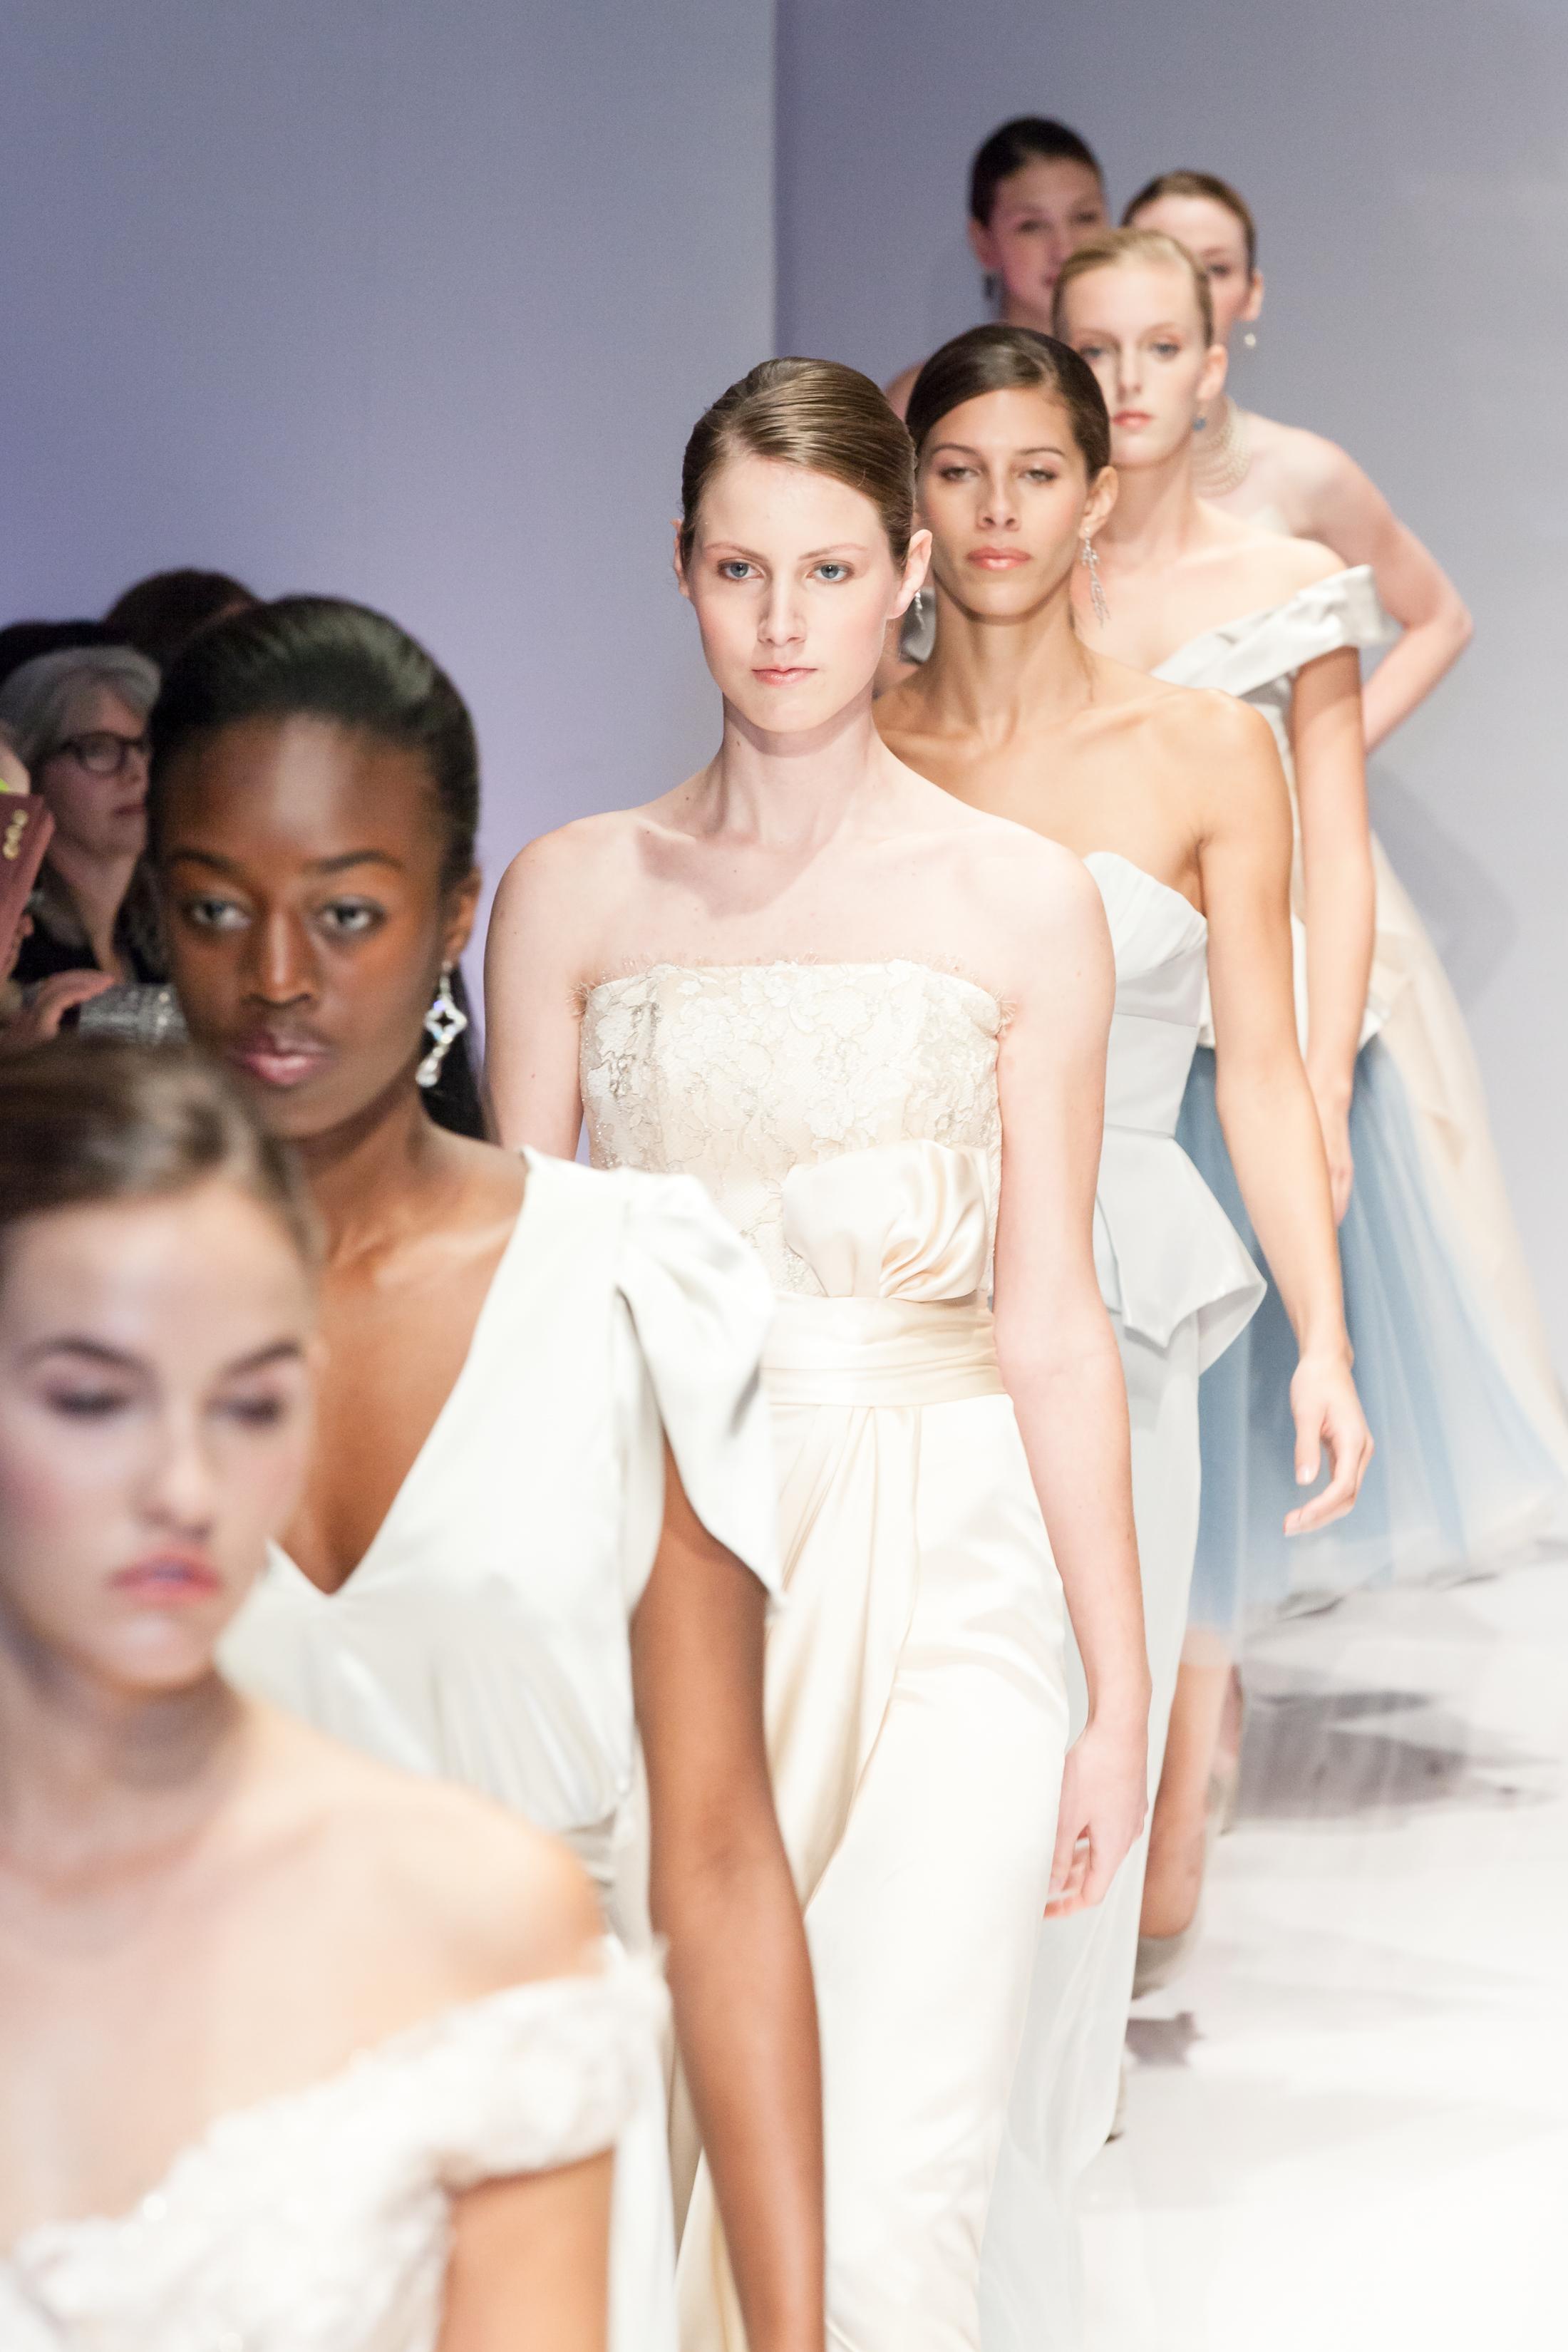 six runway models